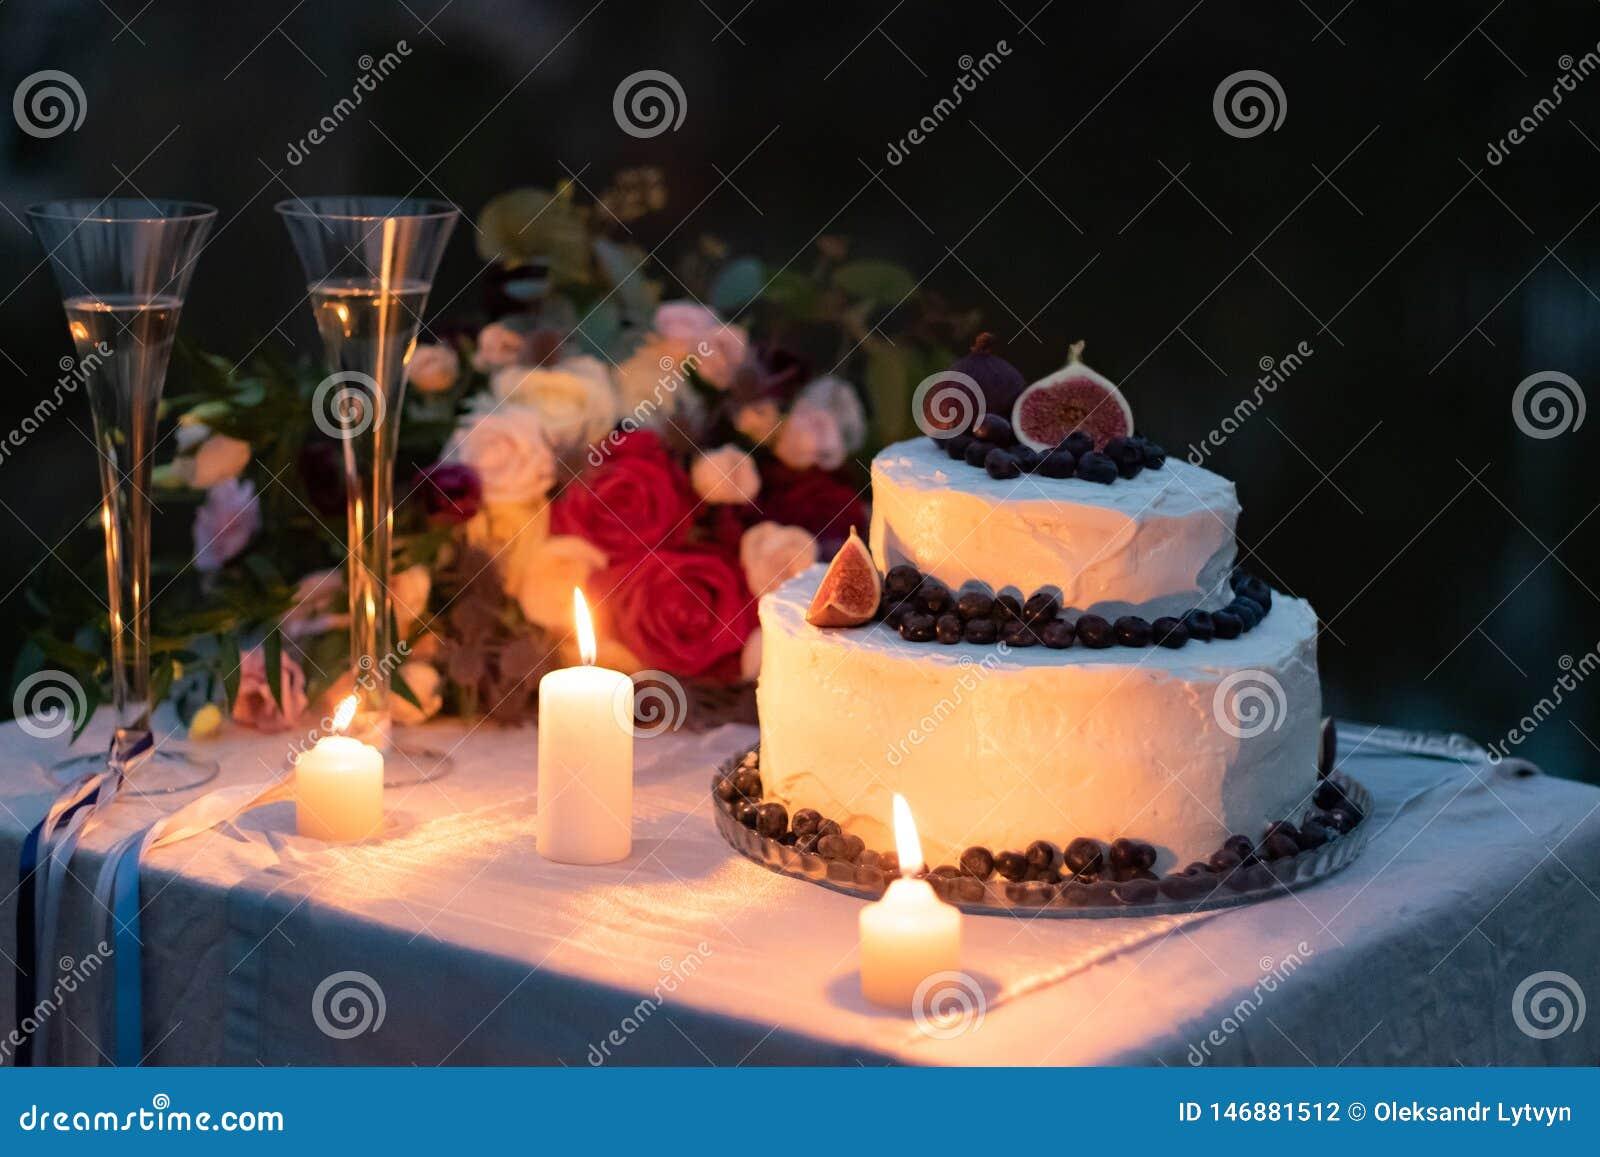 Γαμήλιες διακοσμήσεις κέικ στο άσπρο λούστρο με ένα ντεκόρ των βακκινίων και των σύκων στον πίνακα το βράδυ με τα γυαλιά, αναμμέν